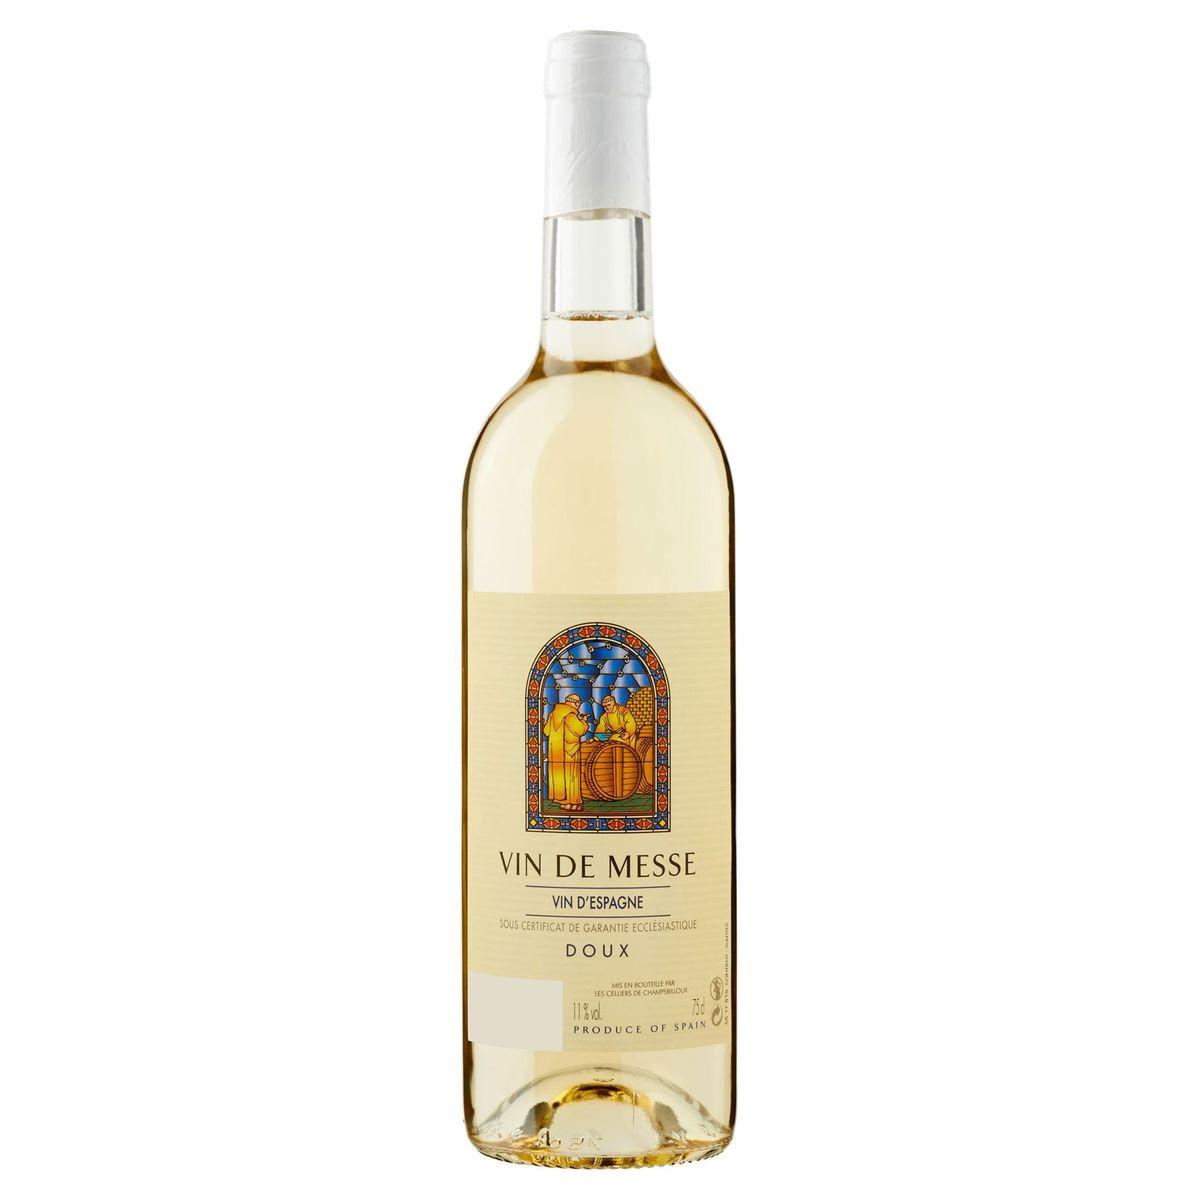 Vin de Messe Doux 75 cl